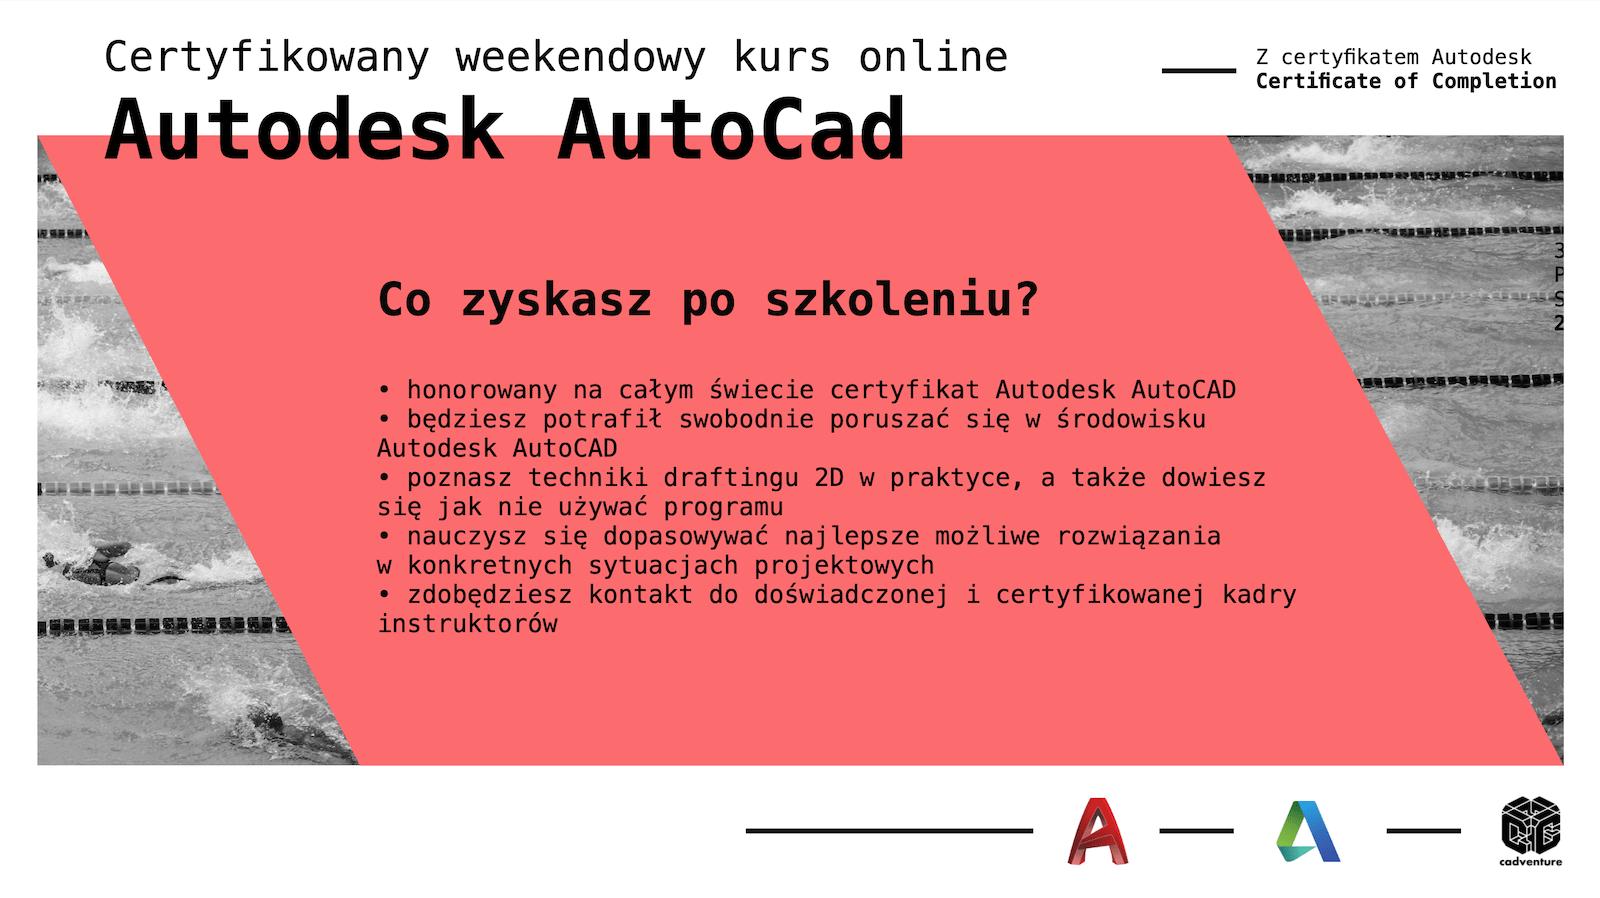 cadventure.pl - autocad - kurs - 2